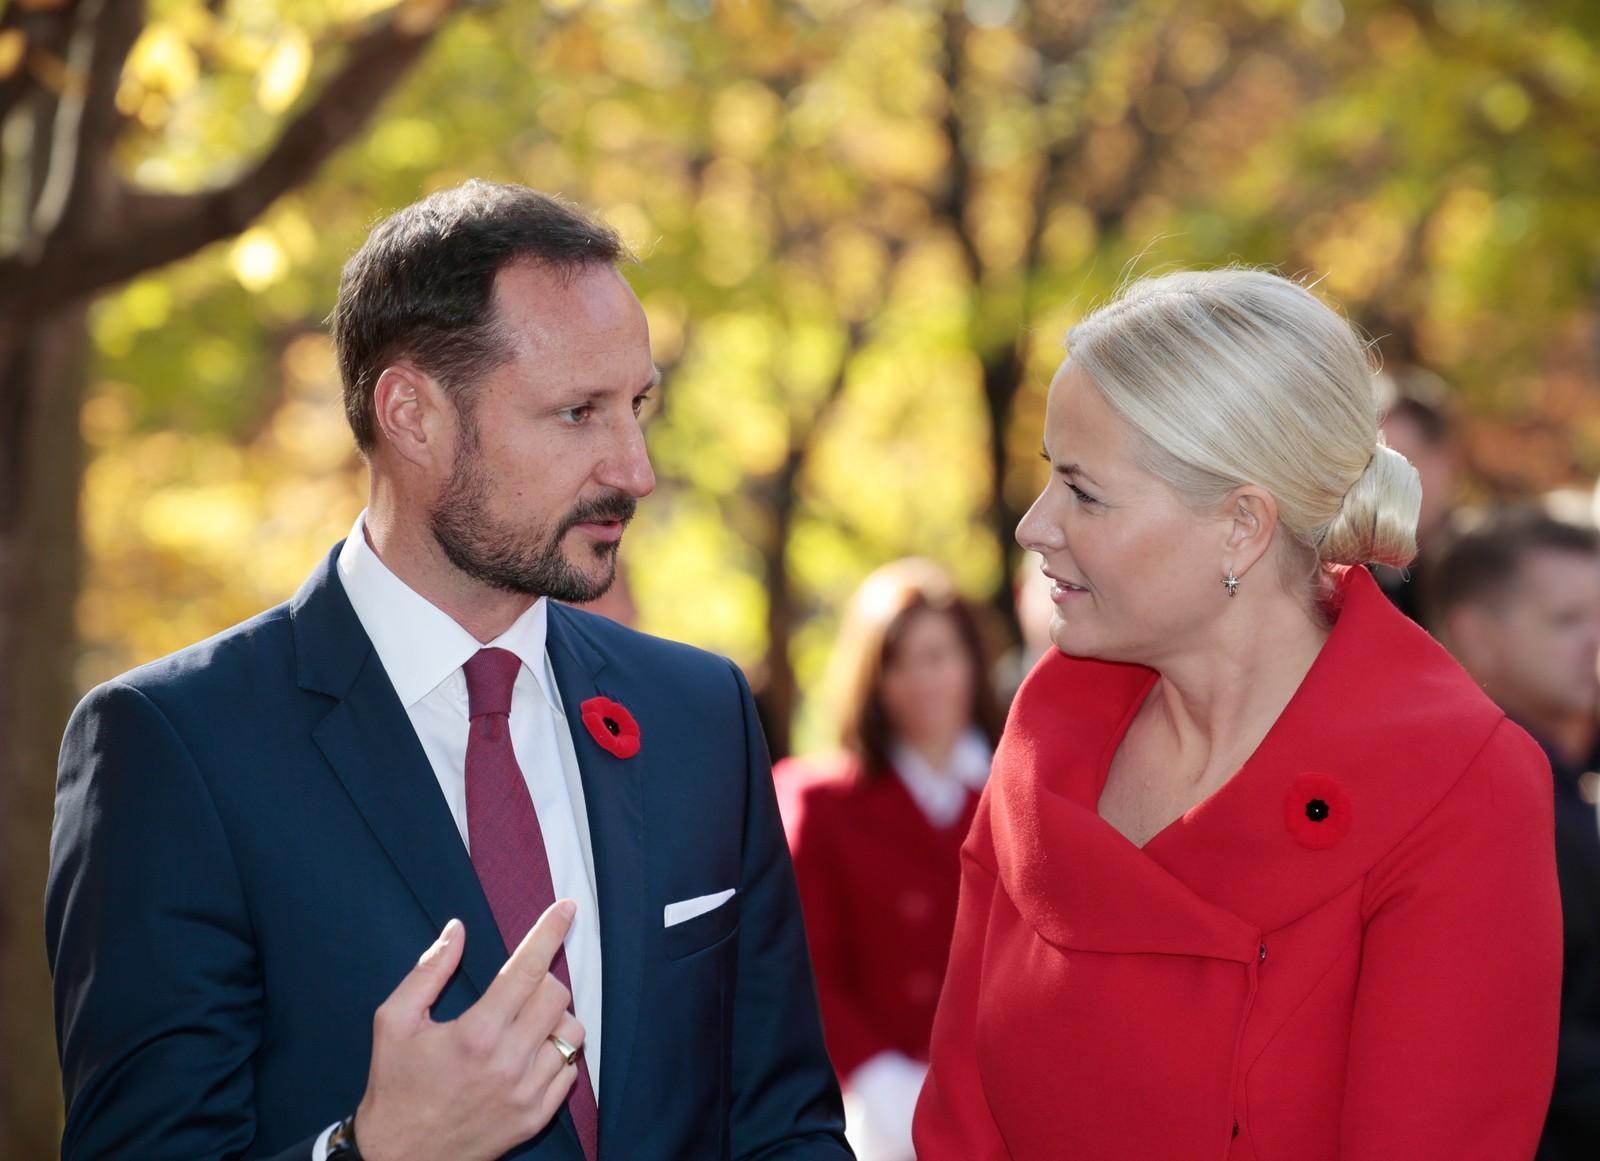 Kronprins Haakon og kronprinsesse Mette-Marit er i spissen for den norske offensiven i Canada denne veka. Det offisielle besøket starta i Ottawa måndag og blir avslutta i St Johns torsdag.